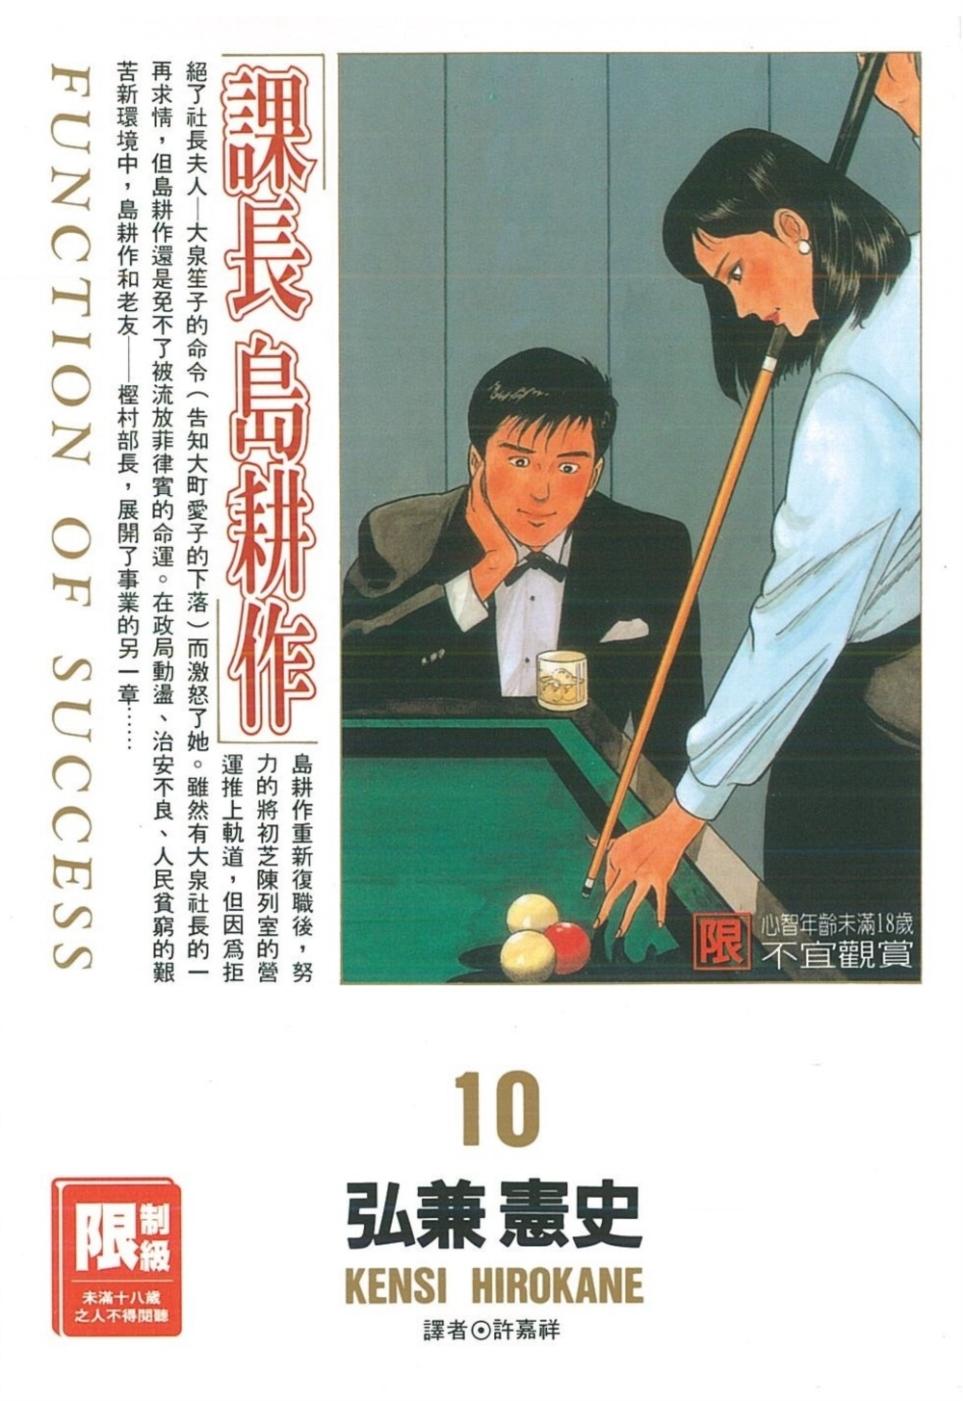 課長島耕作(10)(限)(限台...